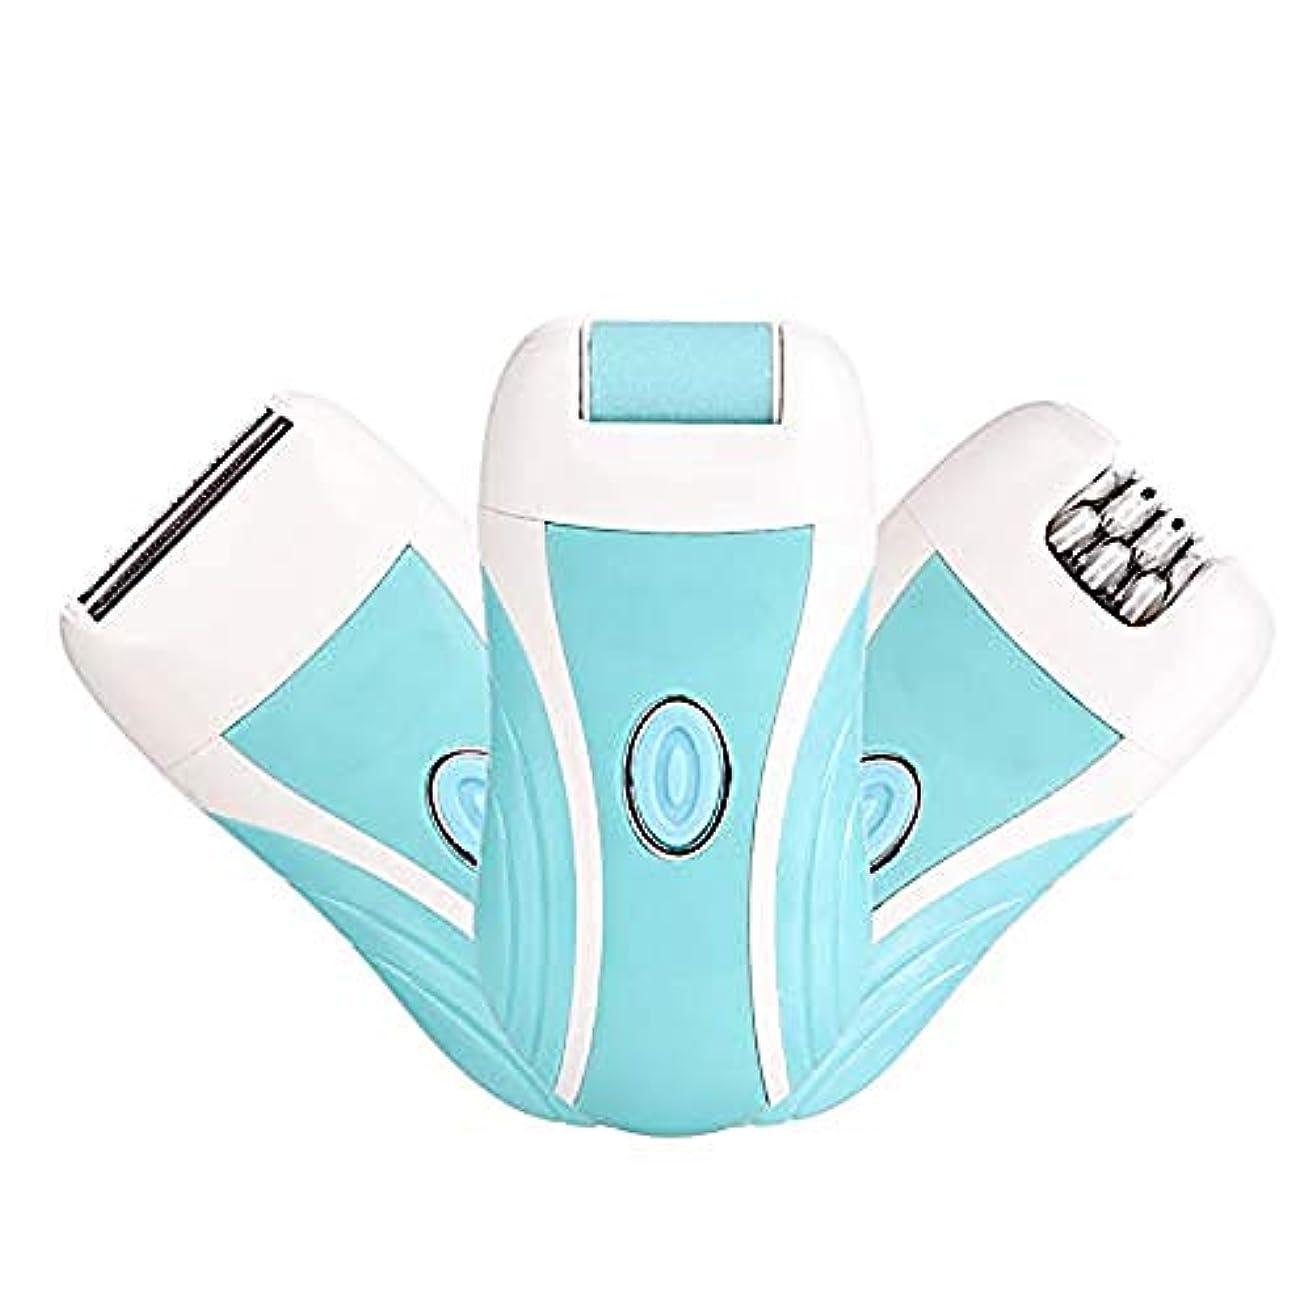 格差脊椎不適青色の3-in-1 USB充電式脱毛器、電気トリマーカミソリ、ミニポータブル、全身に使用可能